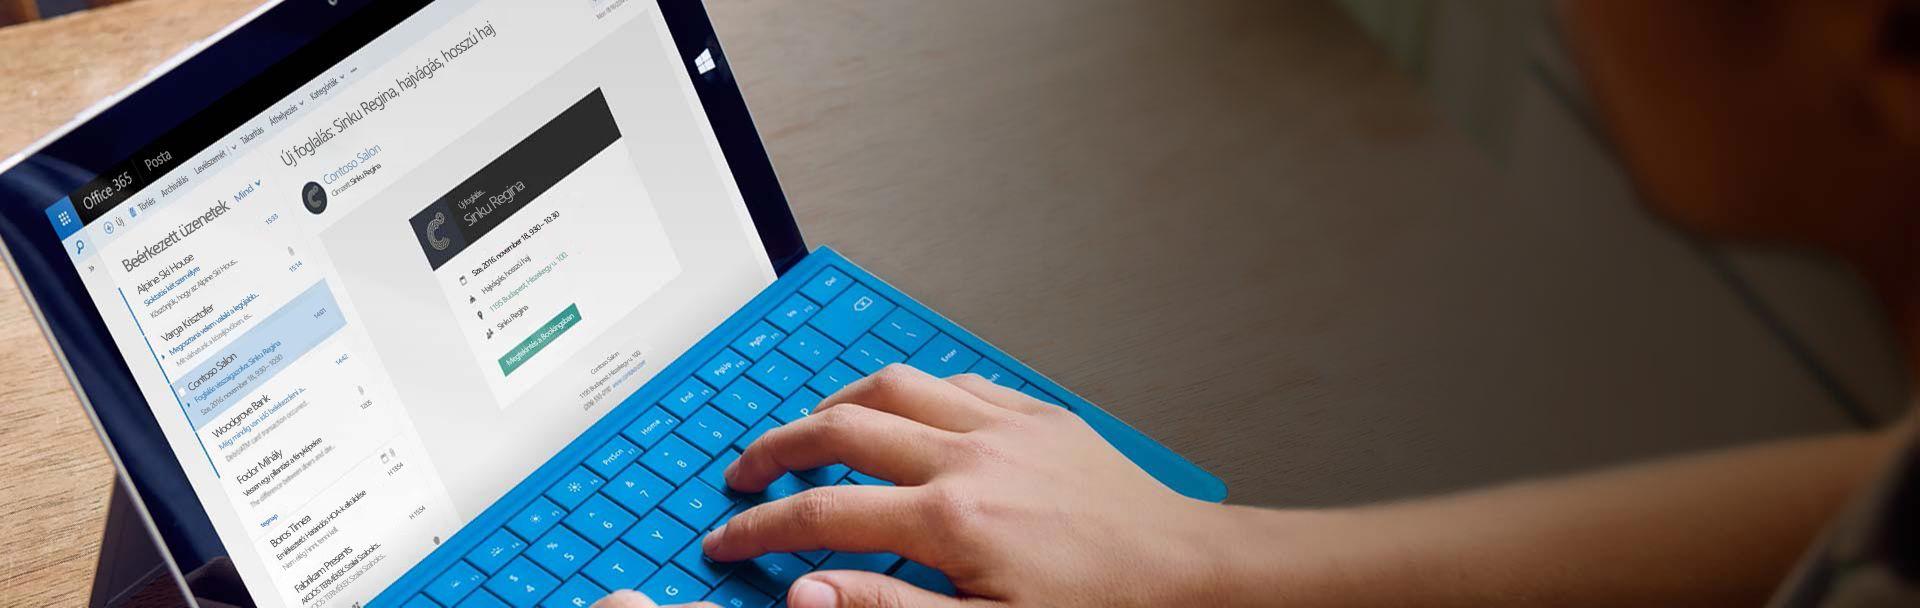 Táblagép, amelyen az Office 365 Bookings találkozó-emlékeztetői láthatók e-mailben.